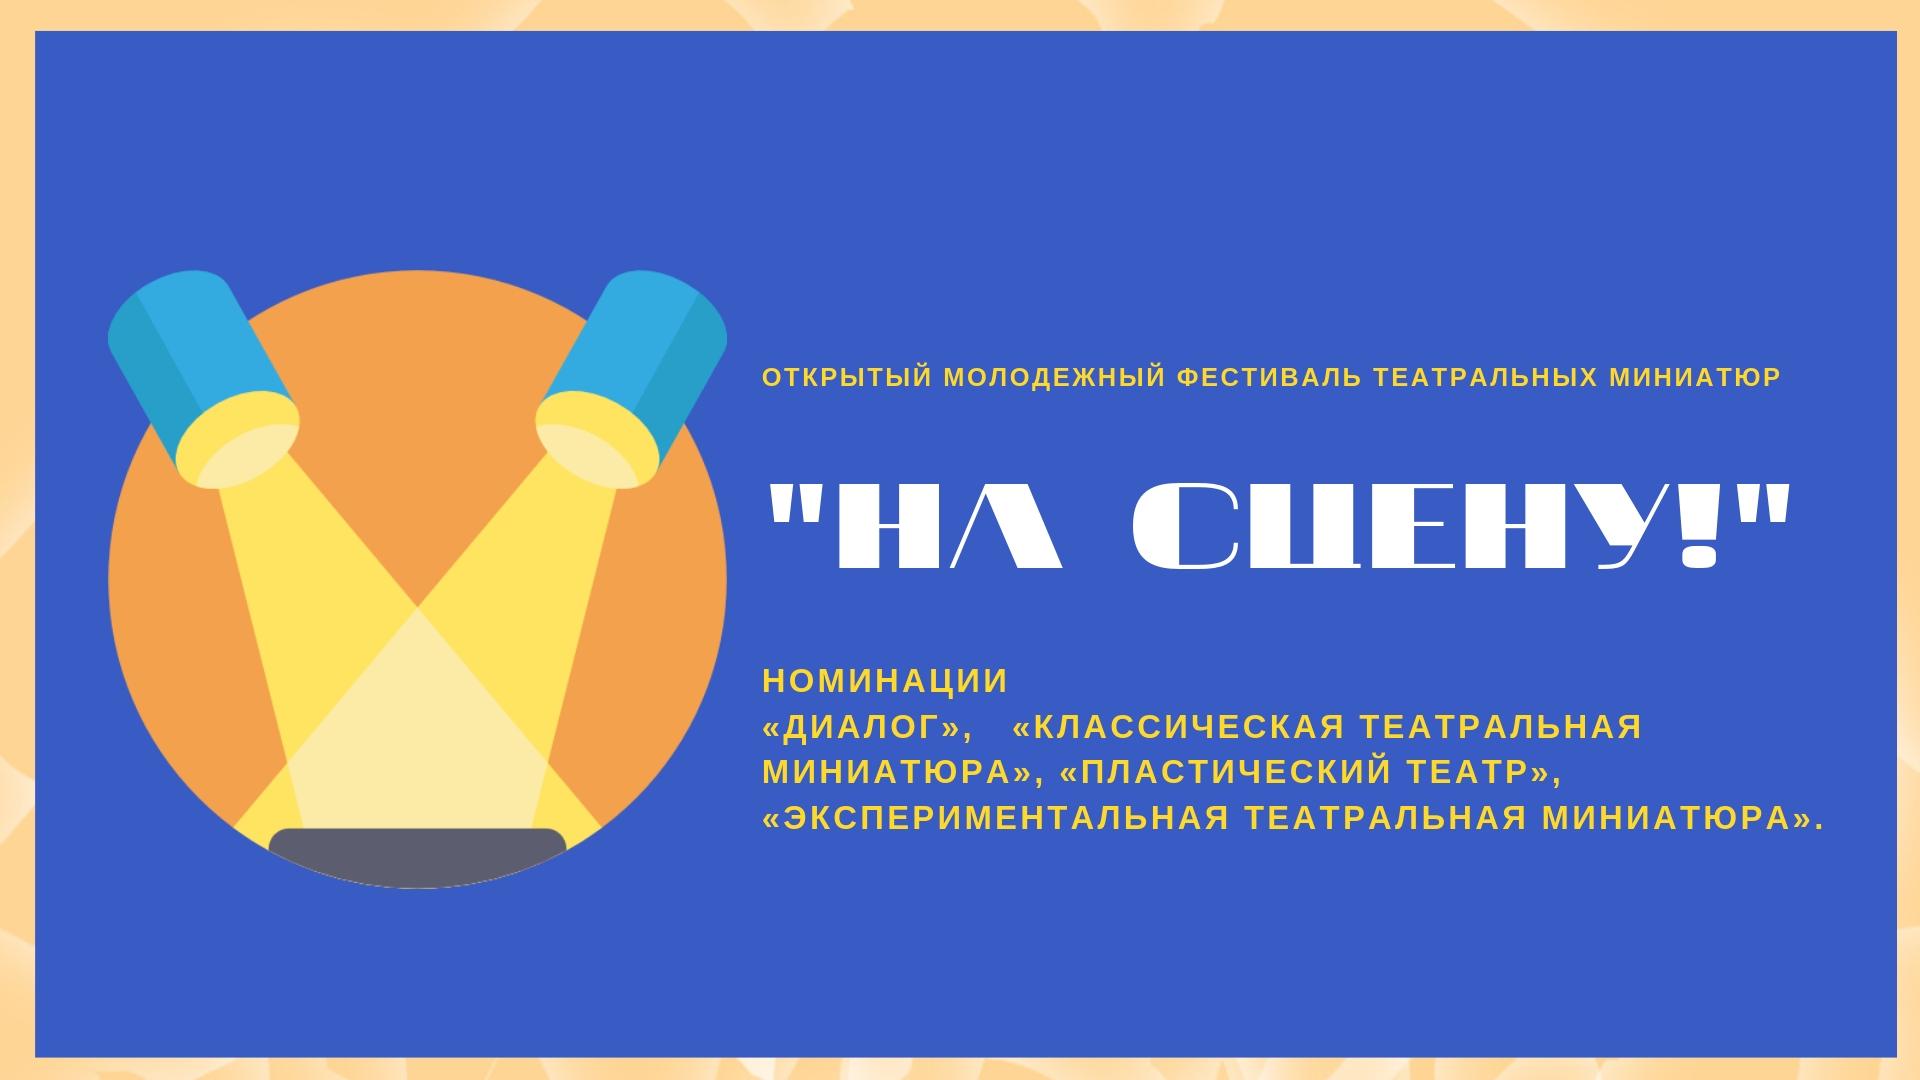 открытый молодежный фестиваль театральных миниатюр (1)